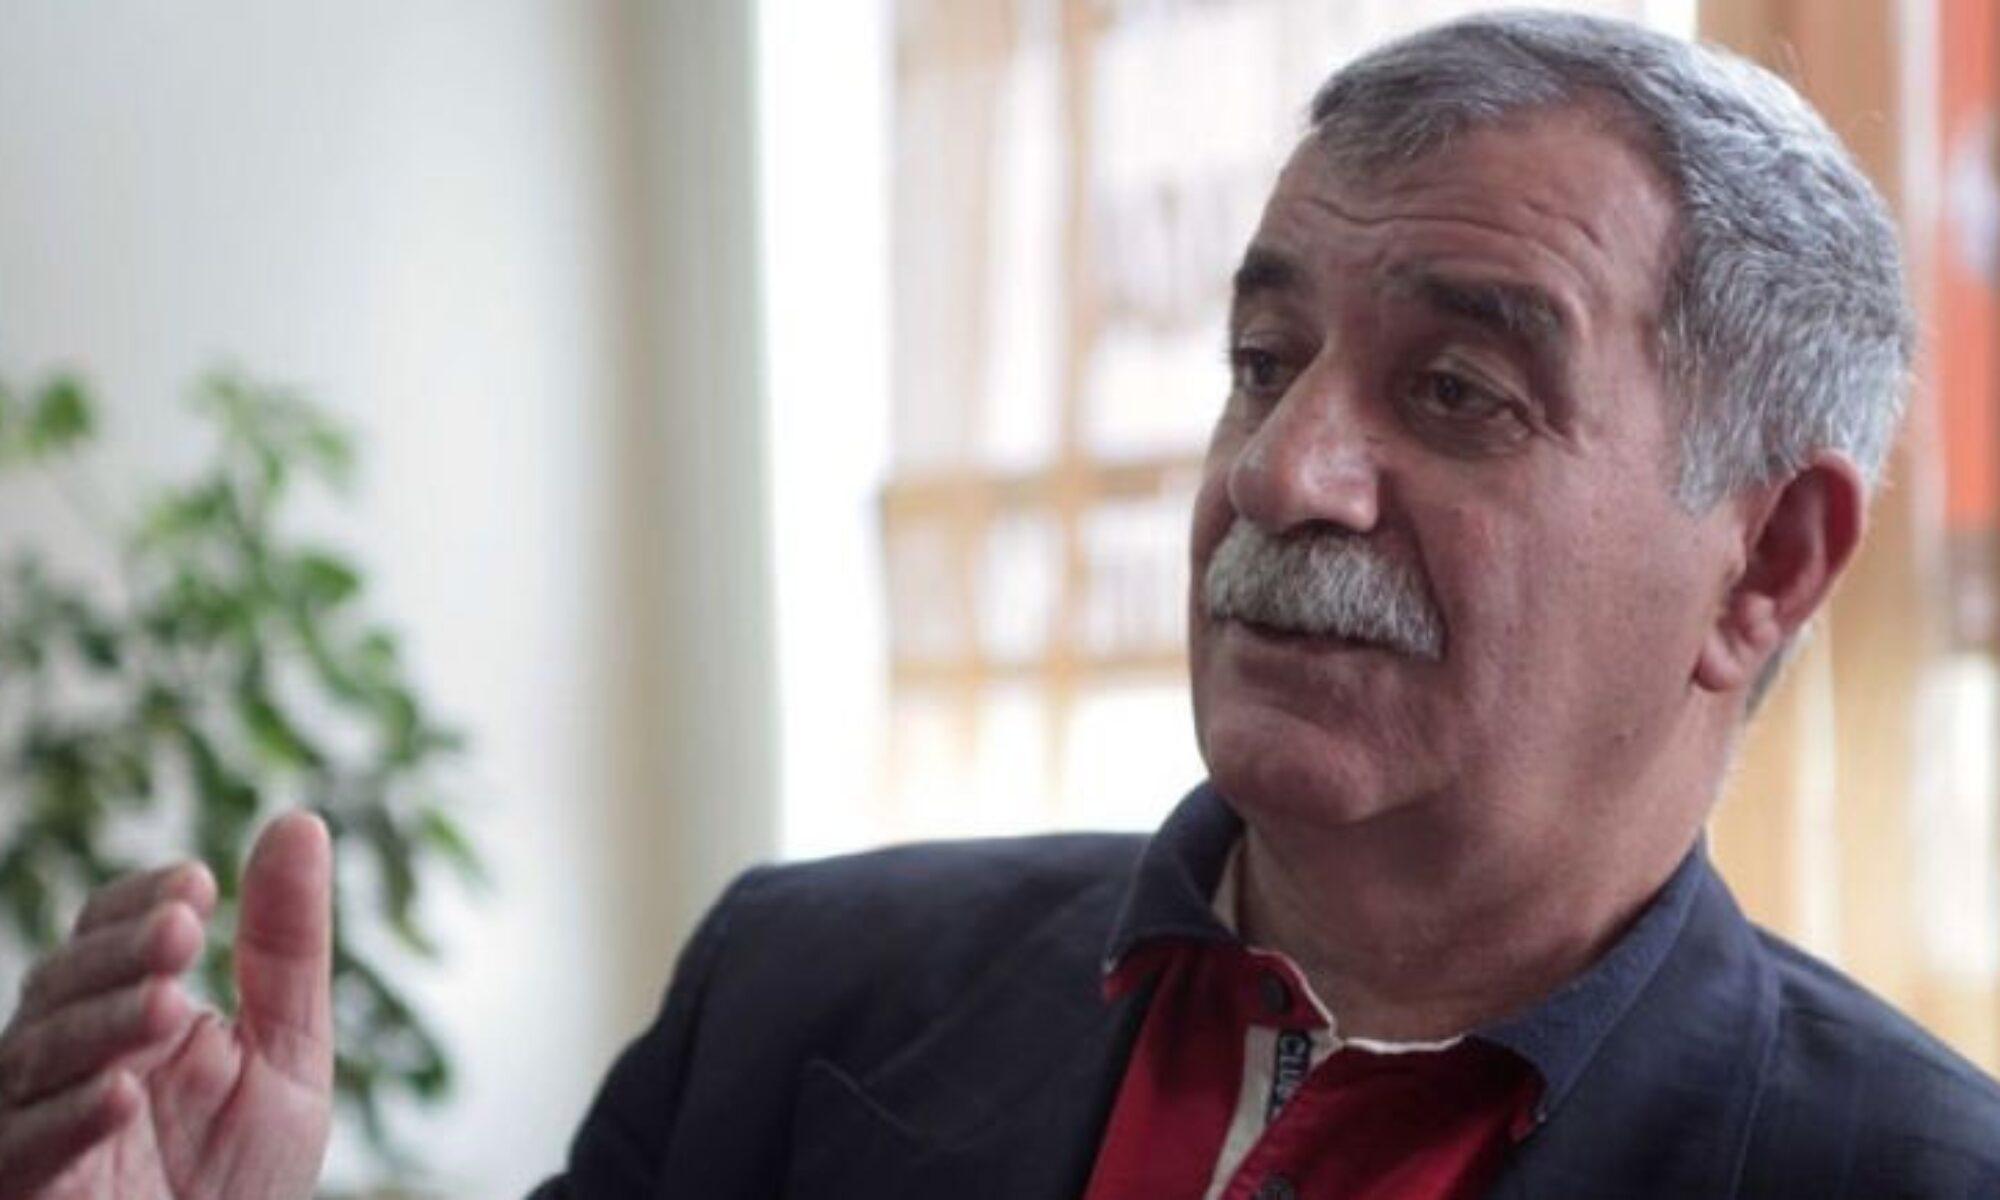 """Faik Bulut'un """"Bir Kürt devleti nasıl önlenir"""" başlıklı makalesinde tarihe ışık tutan diyaloglar yer alıyor İndepented Türkçe, Abdulhalim Haddam, Hatemi, Esad, Suriye, ABD; Irak, Saddam,"""